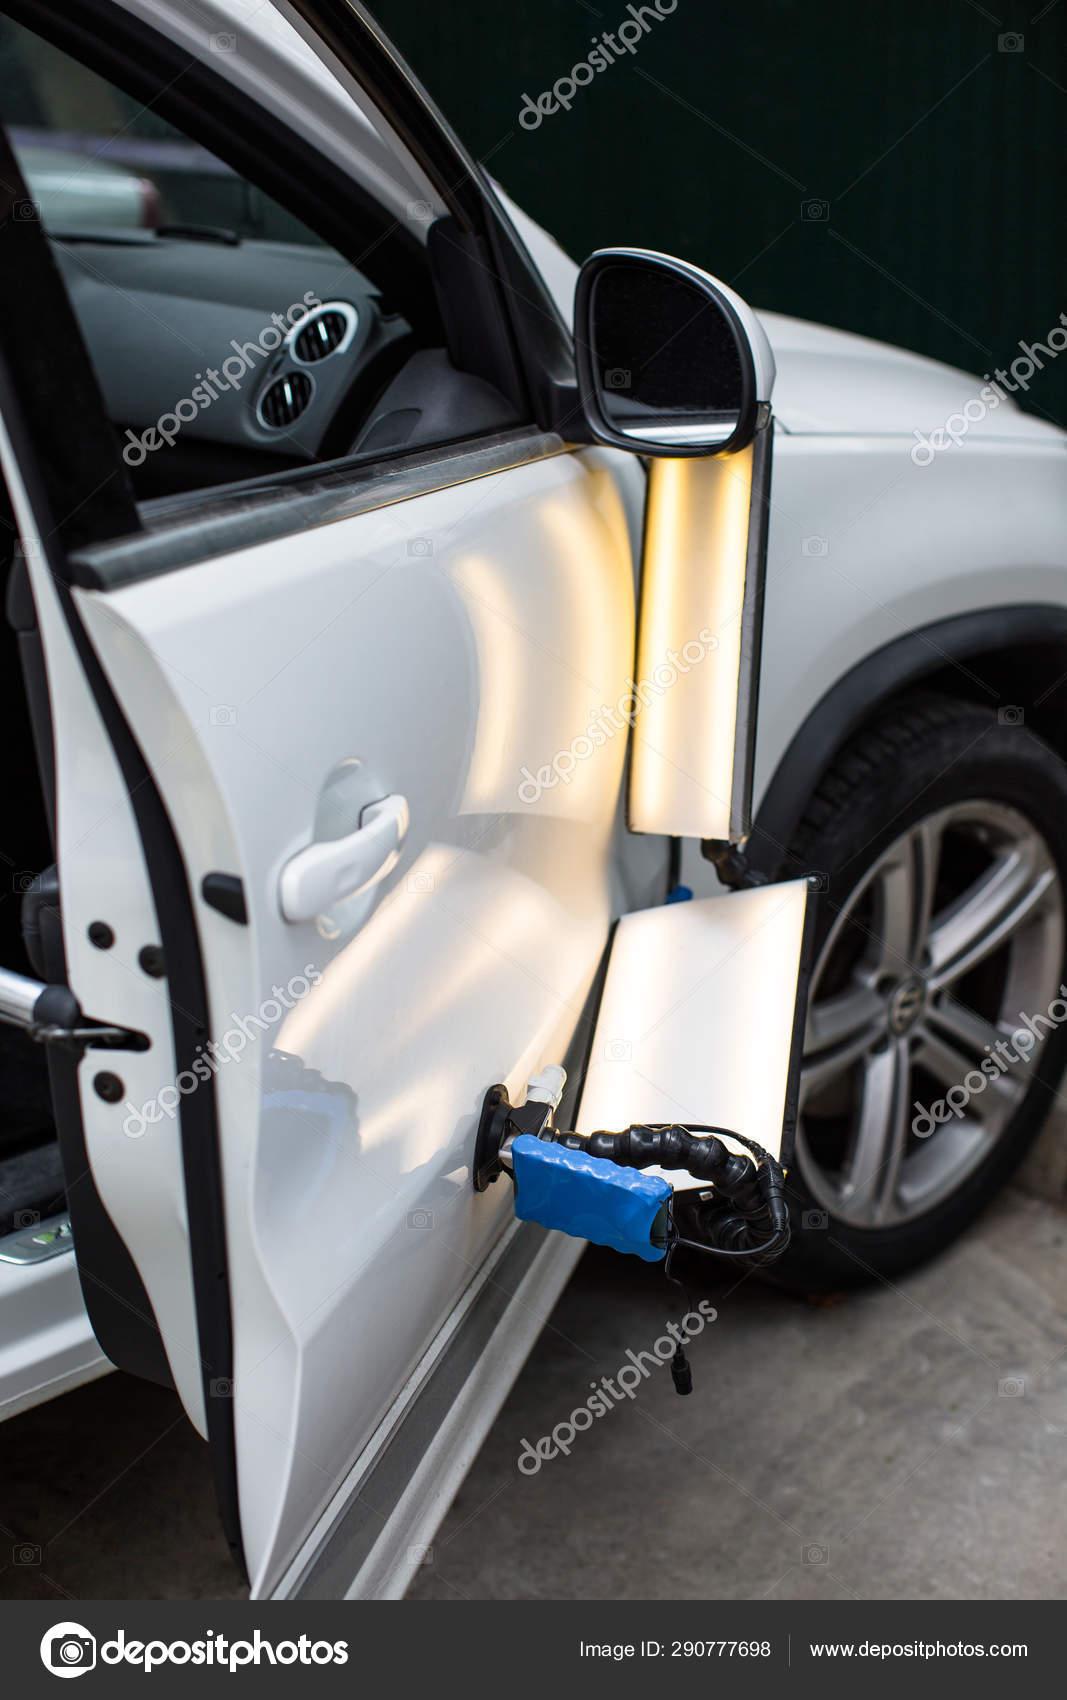 Paintless Dent Repair >> Repairing Car Dent Accident Paintless Dent Repair Stock